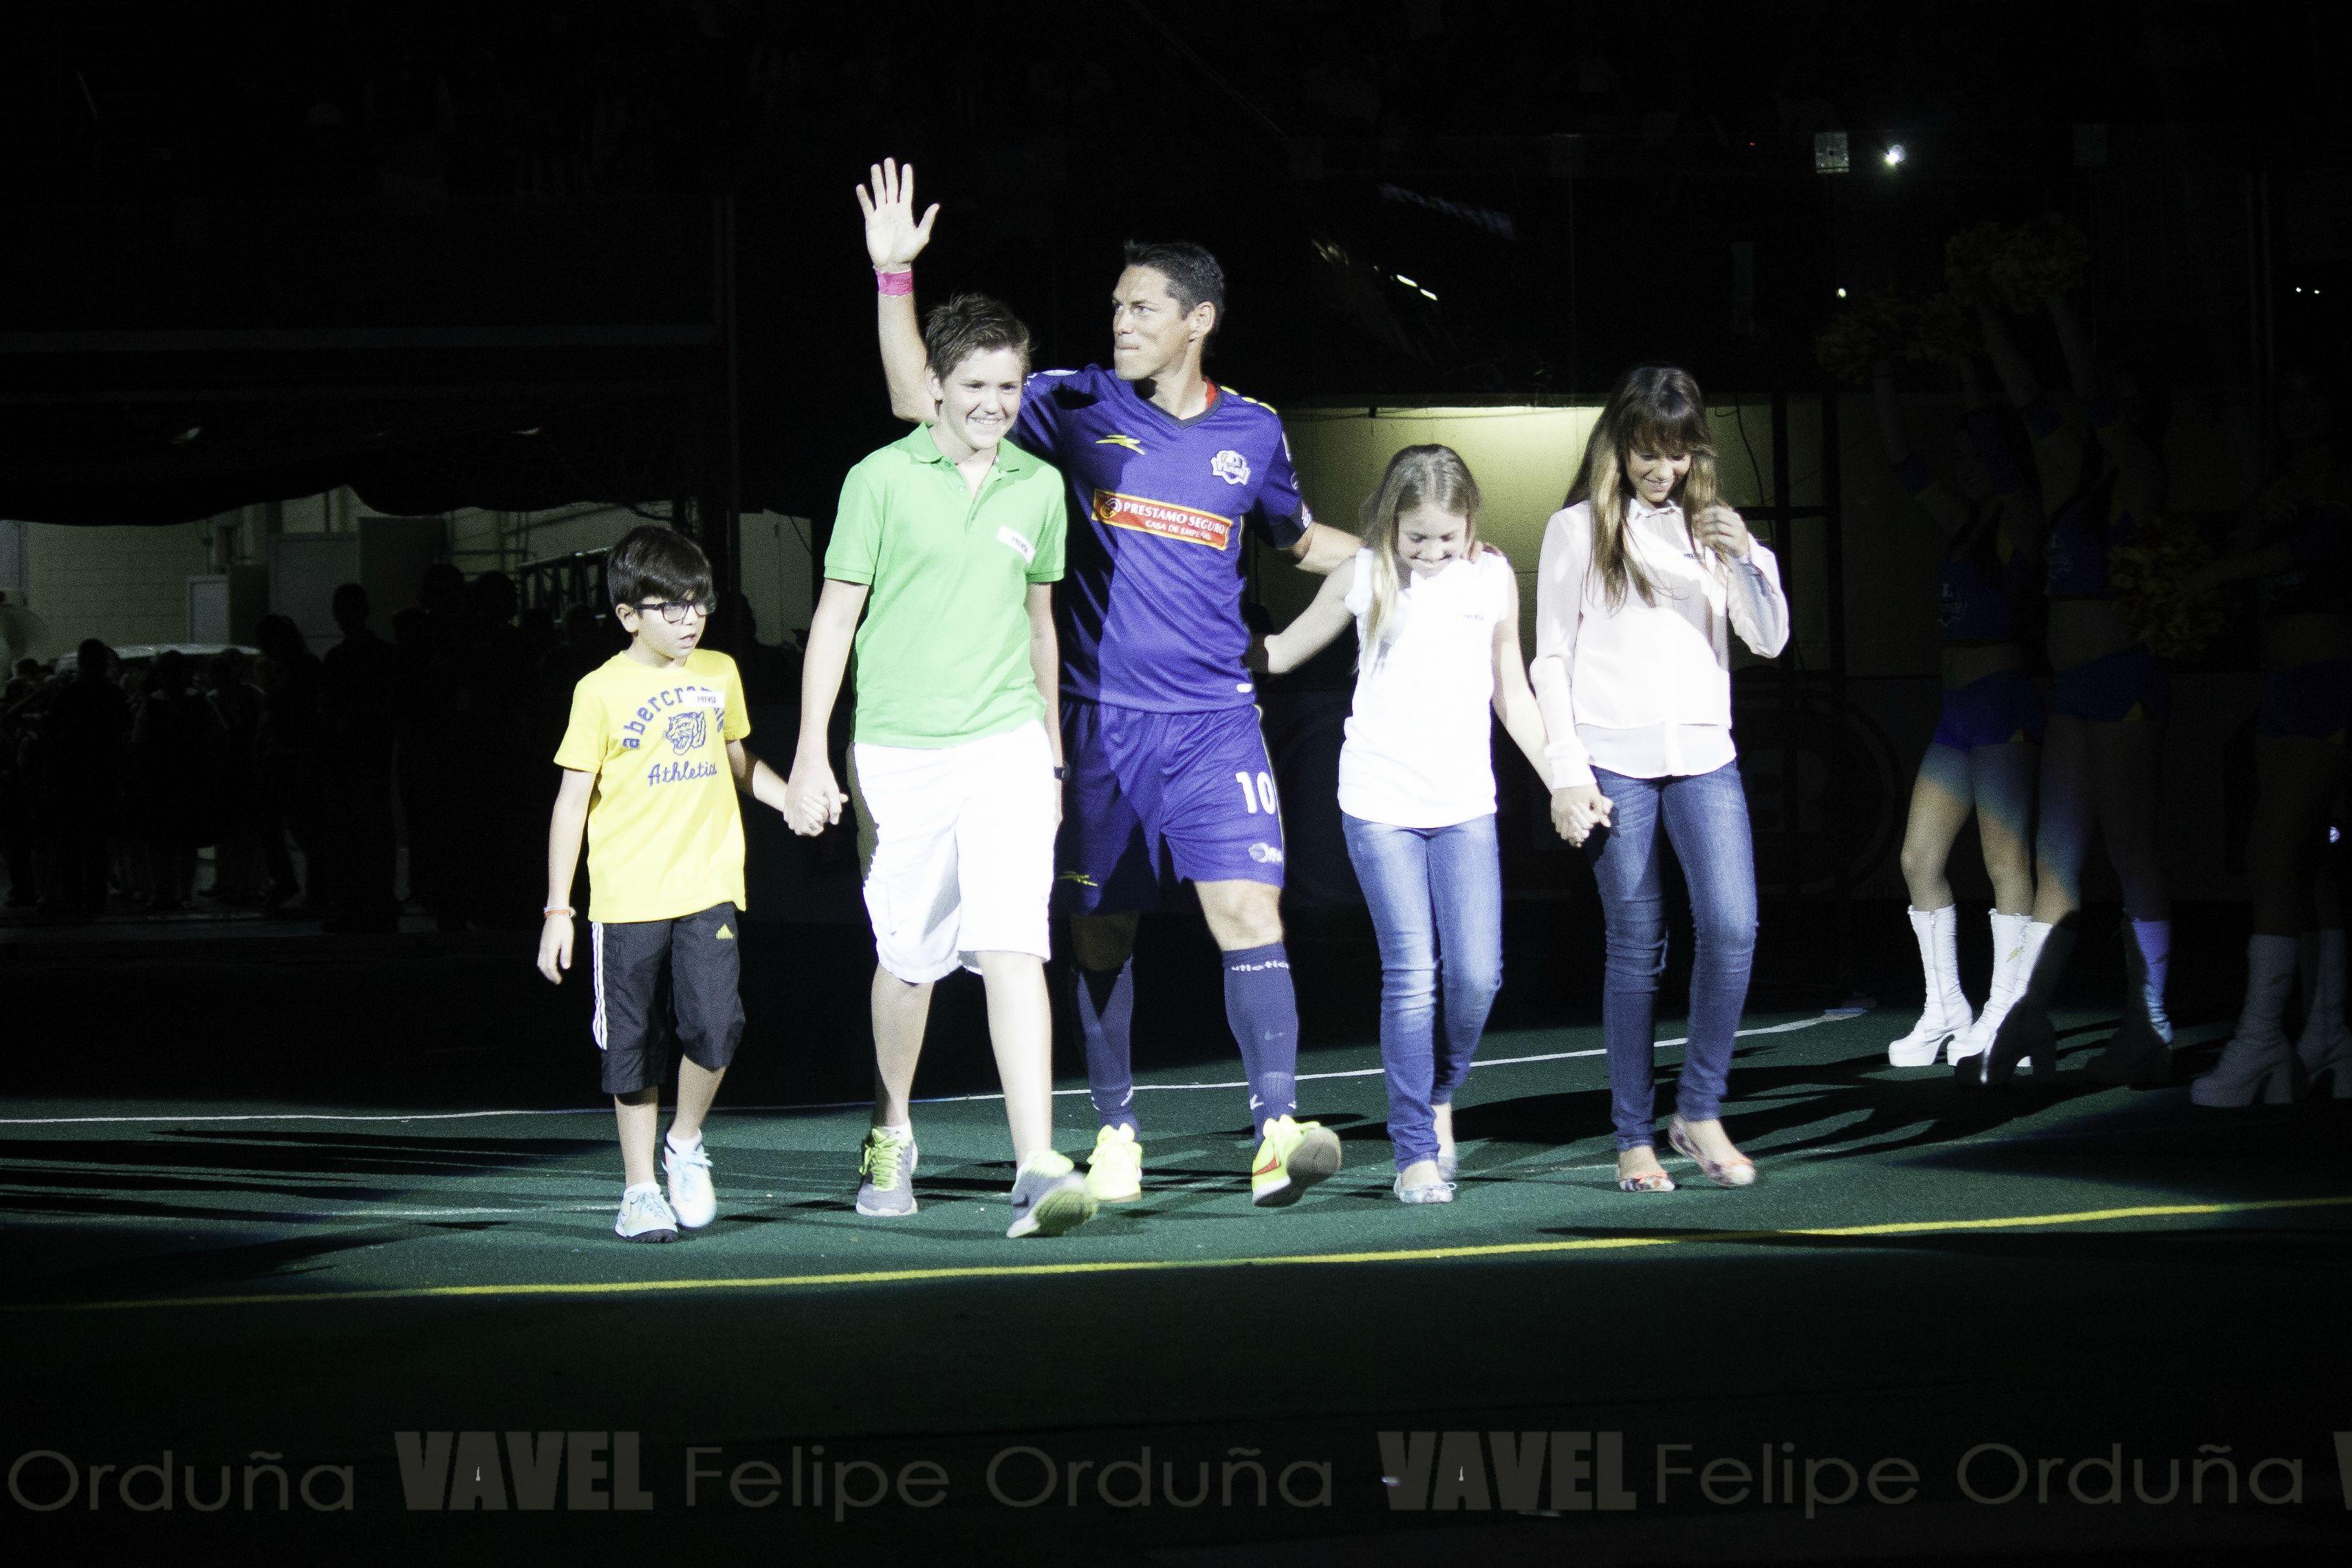 Se le brindo una cálida bienvenida al mas reciente jugador del equipo, la leyenda del fútbol Mexicano, Guillermo Franco.